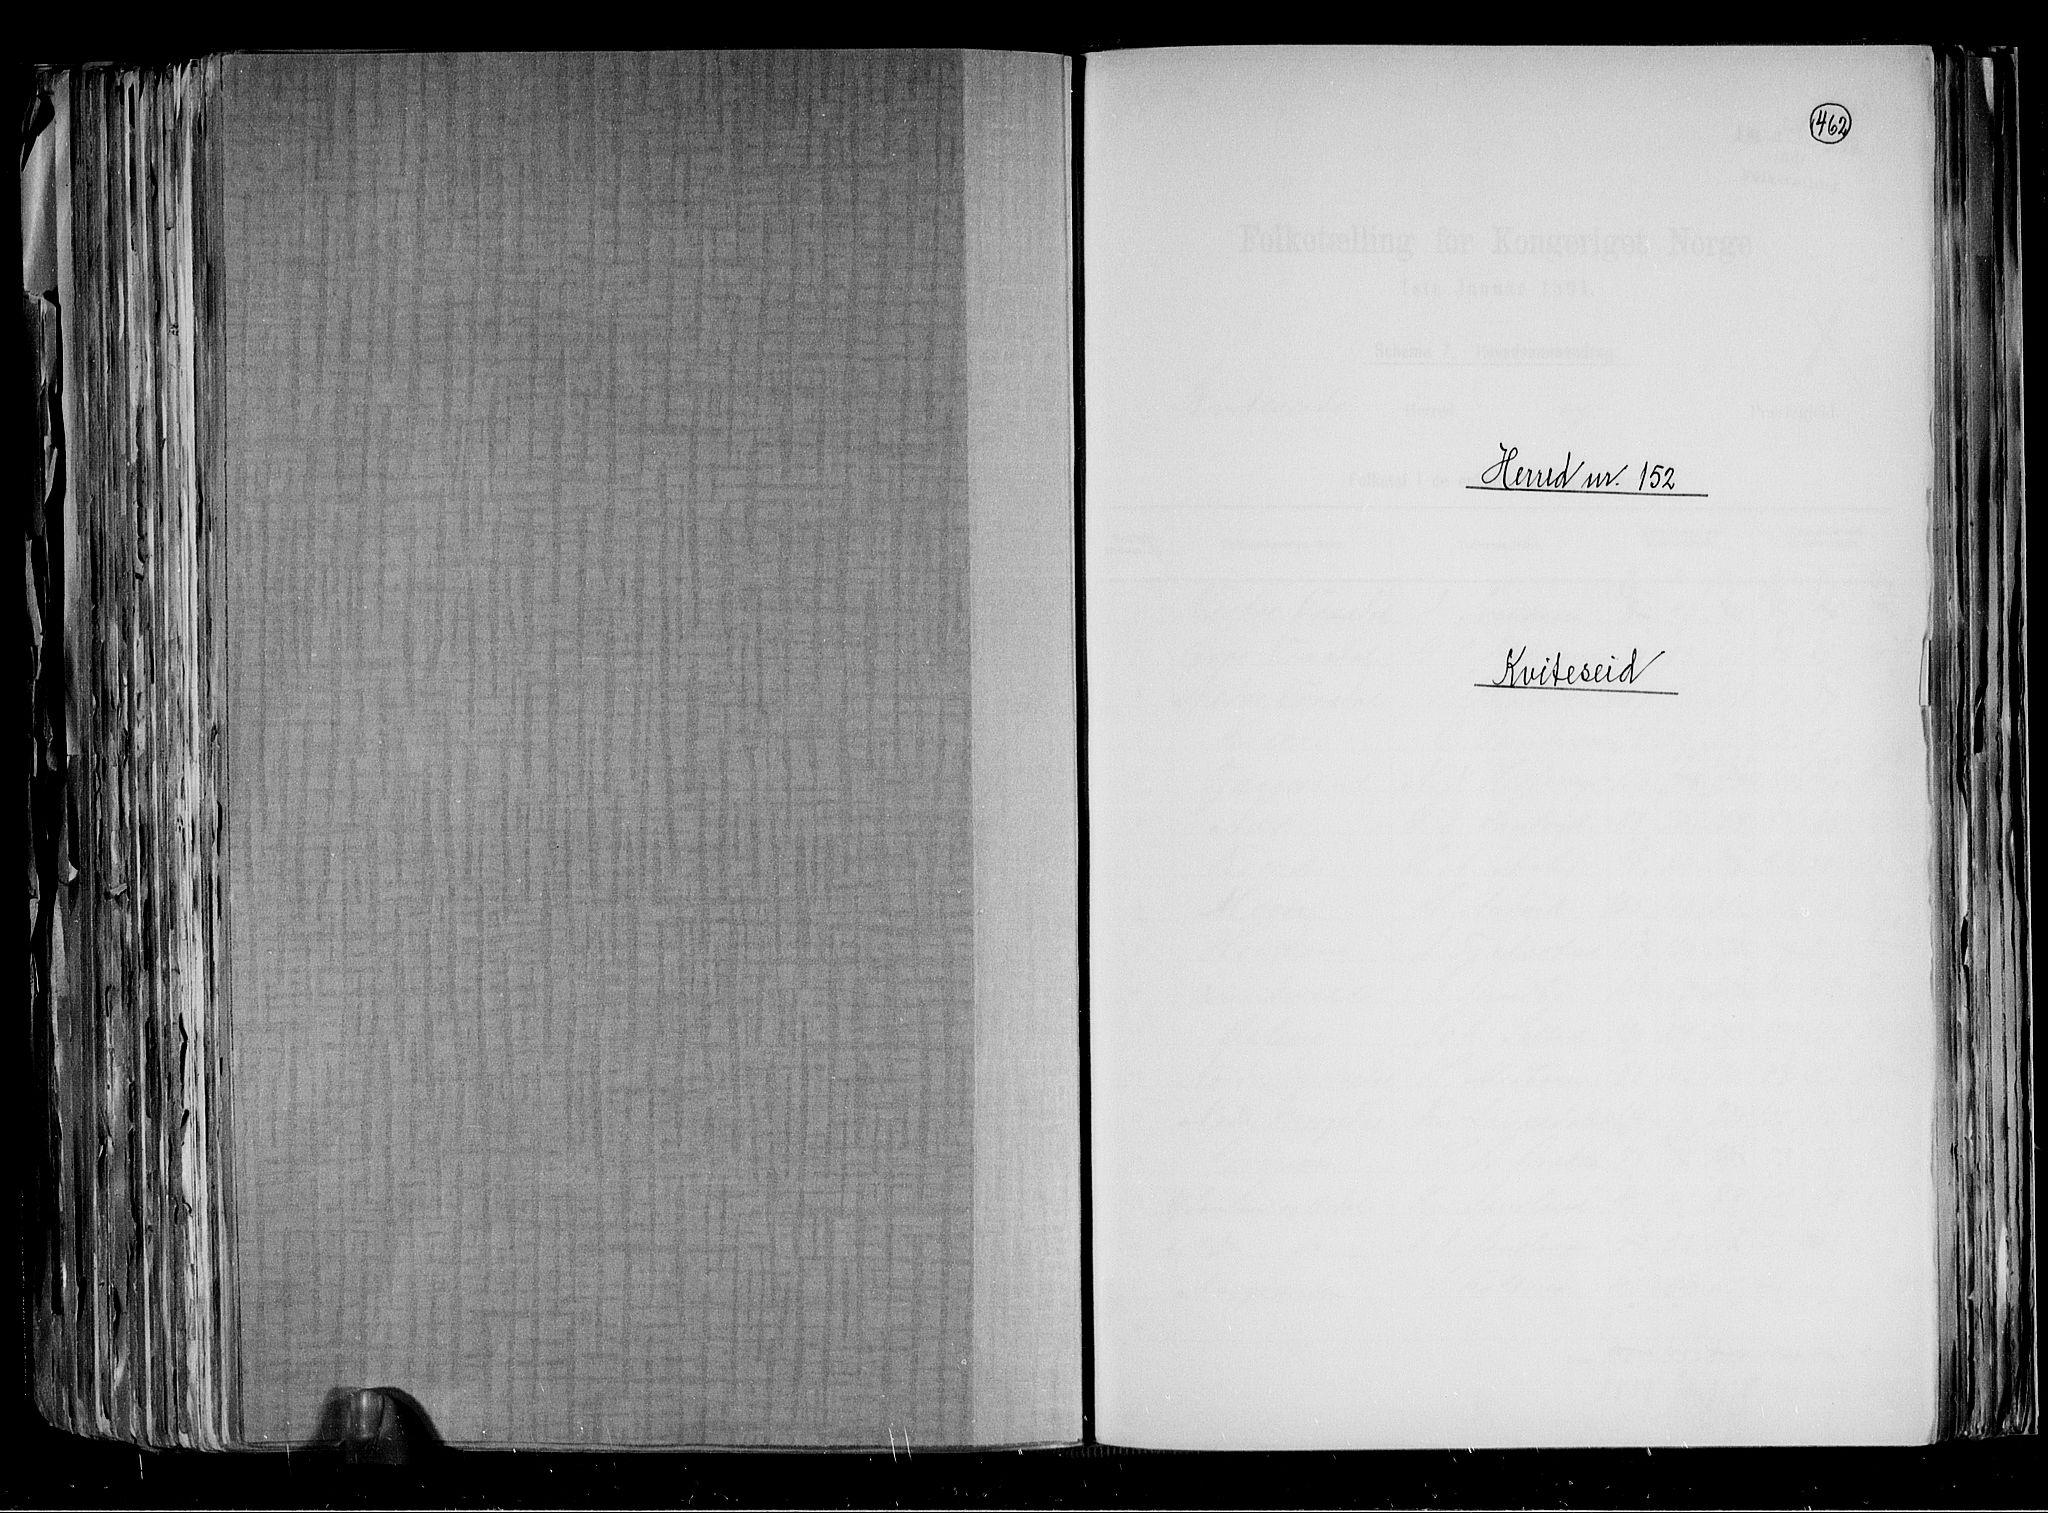 RA, Folketelling 1891 for 0829 Kviteseid herred, 1891, s. 1